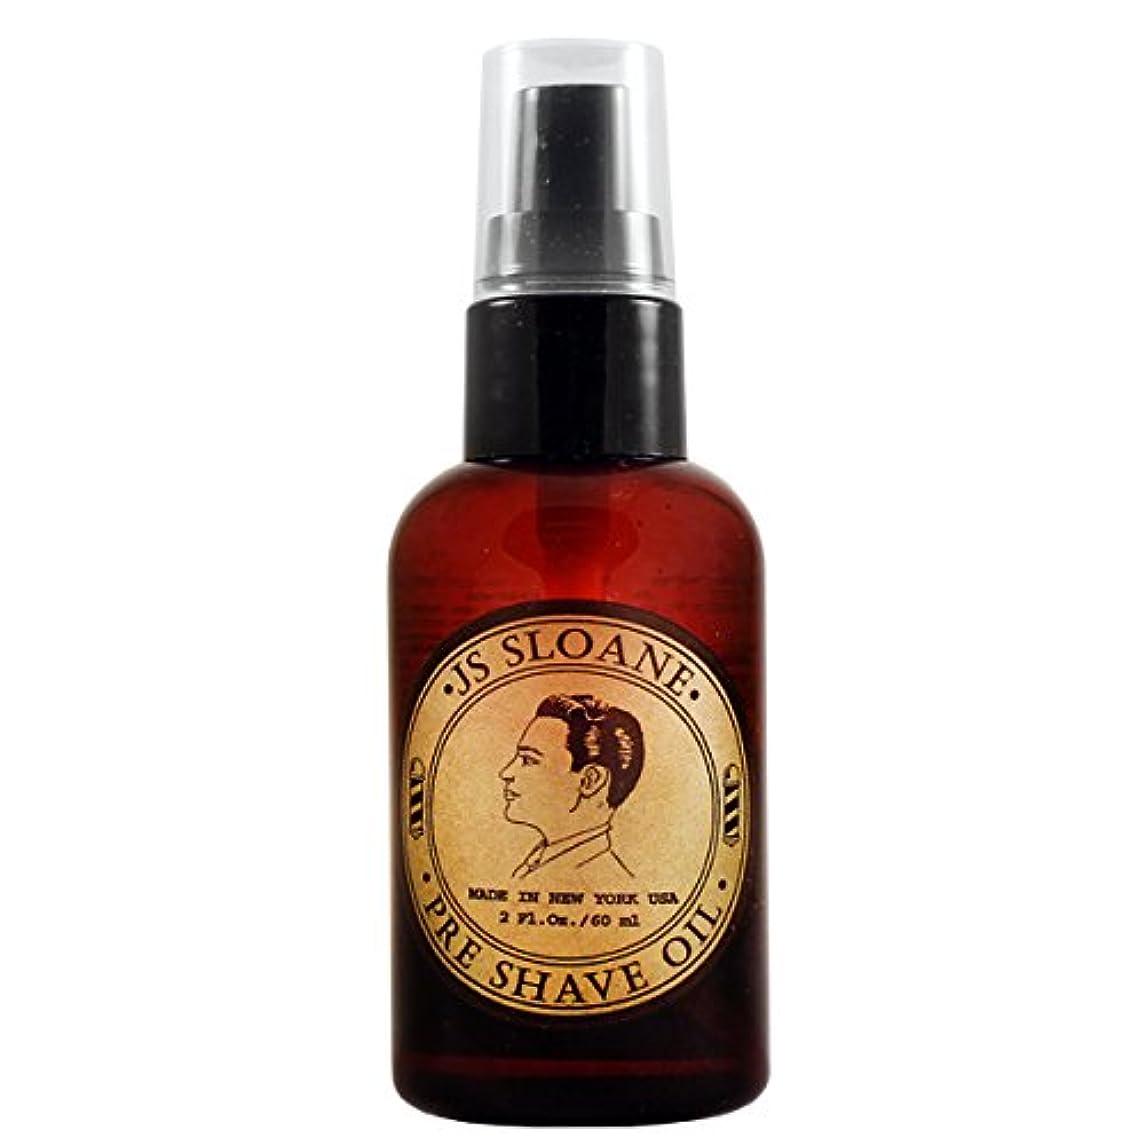 がっかりした空洞識別するジェイエススローン(JS Sloane) プレシェーブオイル Pre Shave Oil メンズ 髭剃り ヒゲ シェービング シェーブ オイル クリーム フォーム